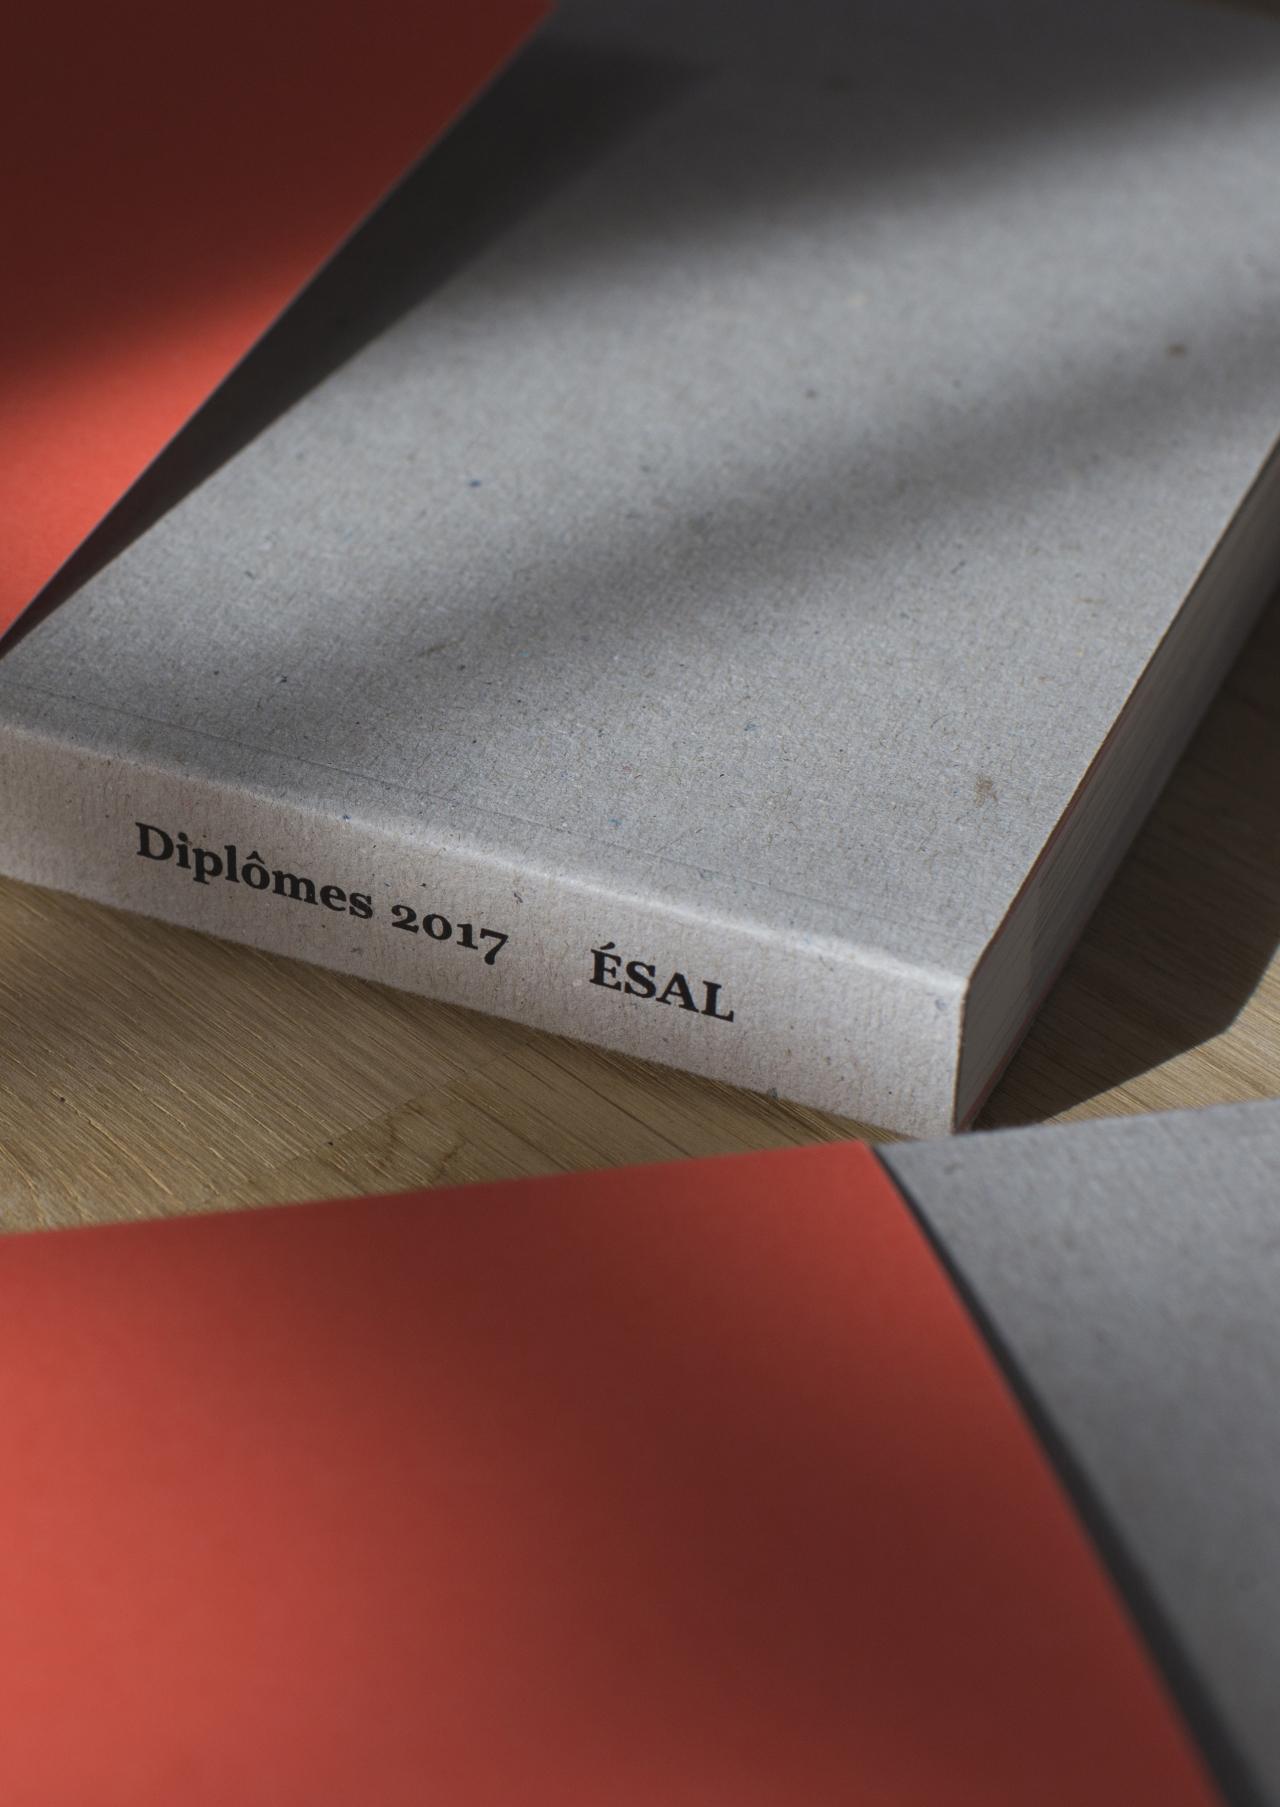 Catalogue des diplômes 2017 image #5